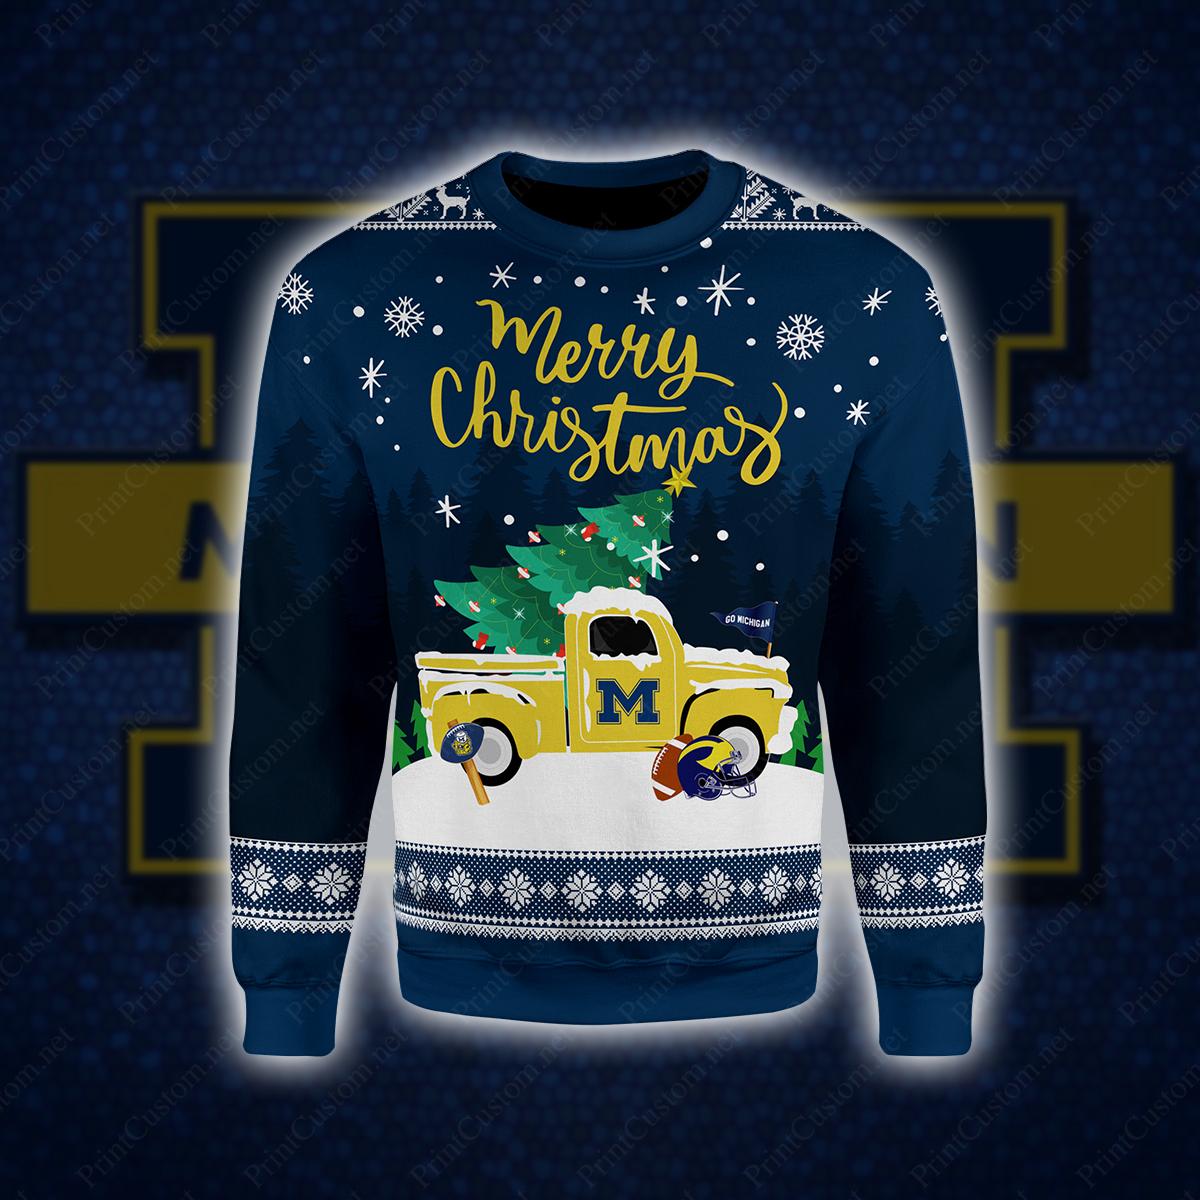 Michigan wolverines merry christmas full printing sweatshirt